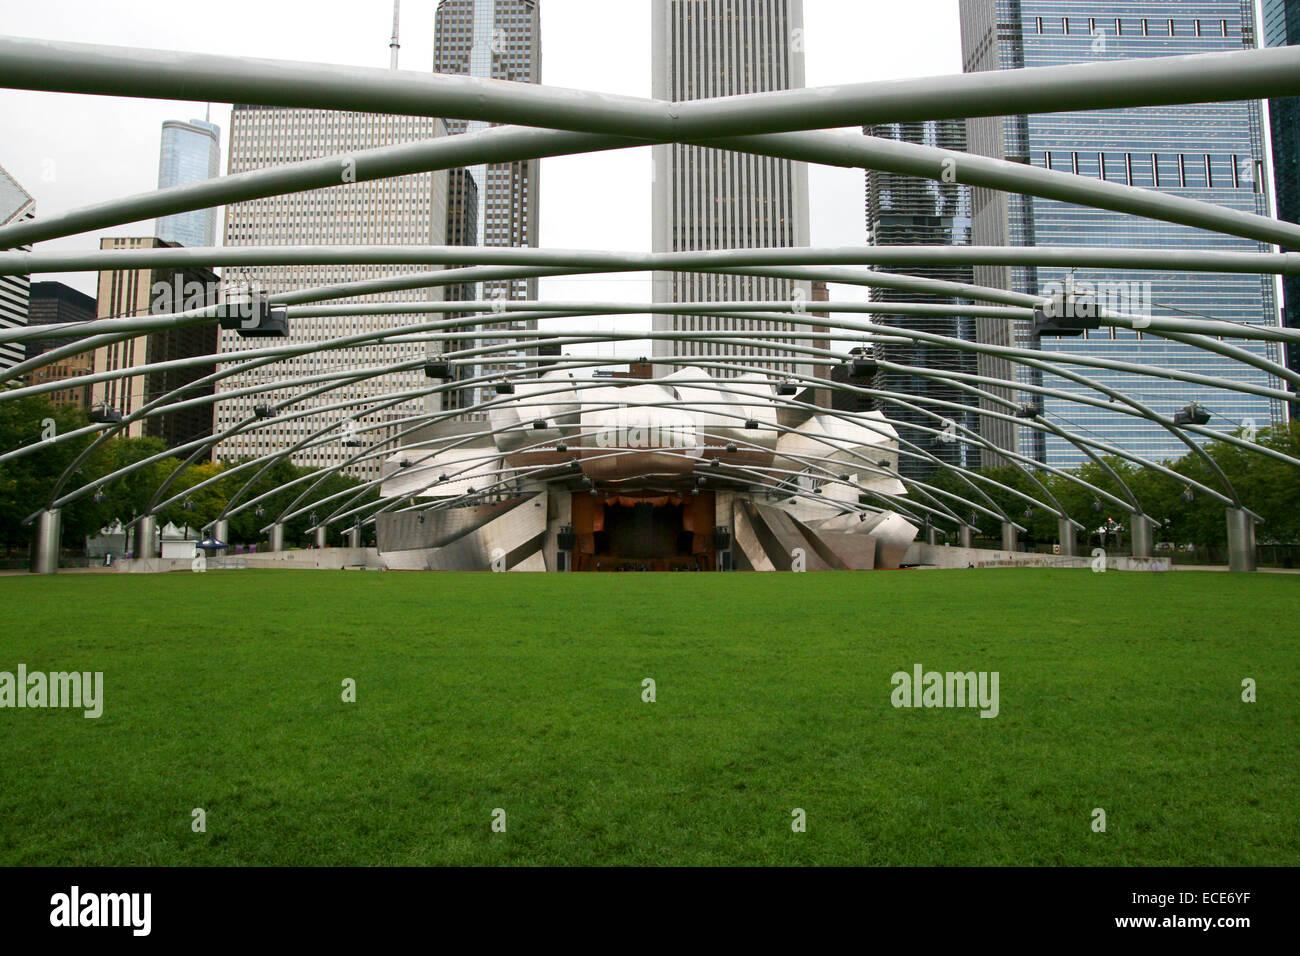 Jay Pritzker Pavilion Millenium Park Architektur Blau Buero Chicago Stadt Stadt Amerika amerikanische Aussergewoehnlich Stockbild